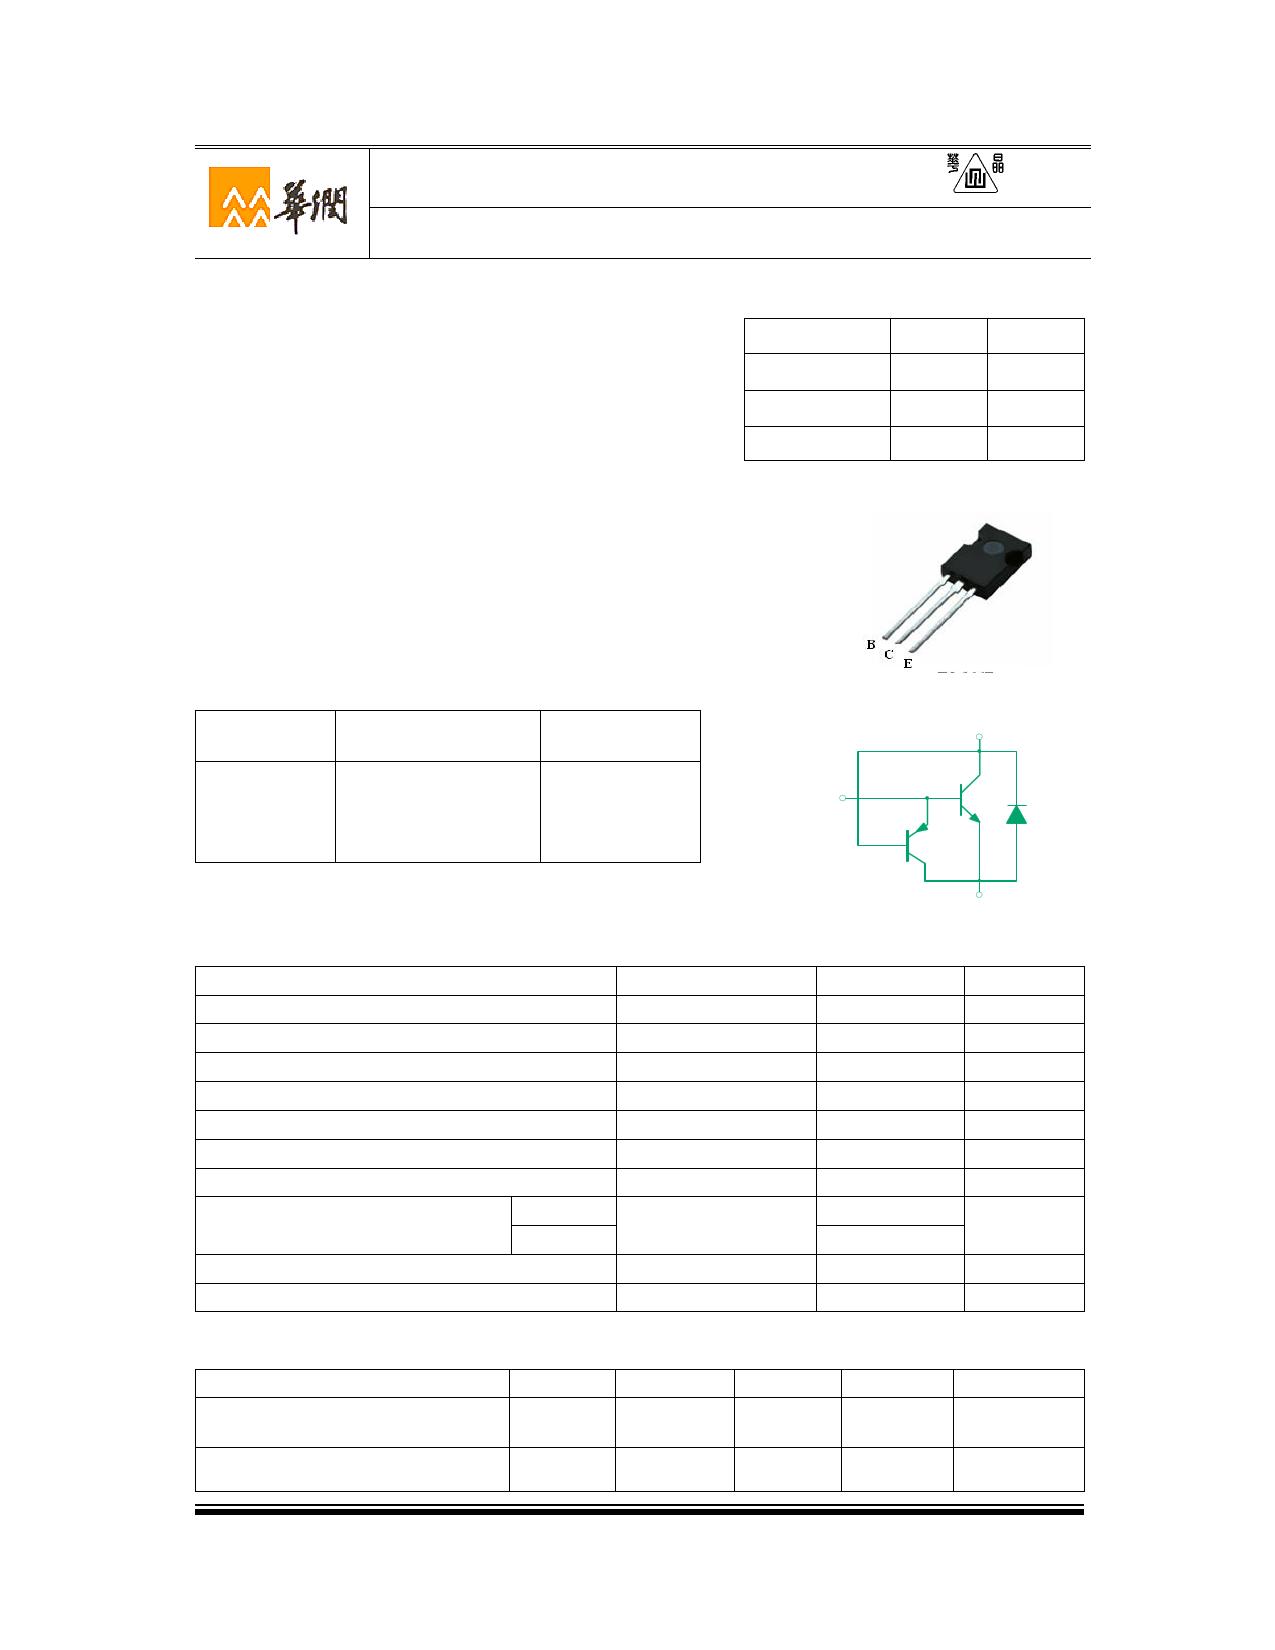 3DD13005N7D Datasheet, 3DD13005N7D PDF,ピン配置, 機能